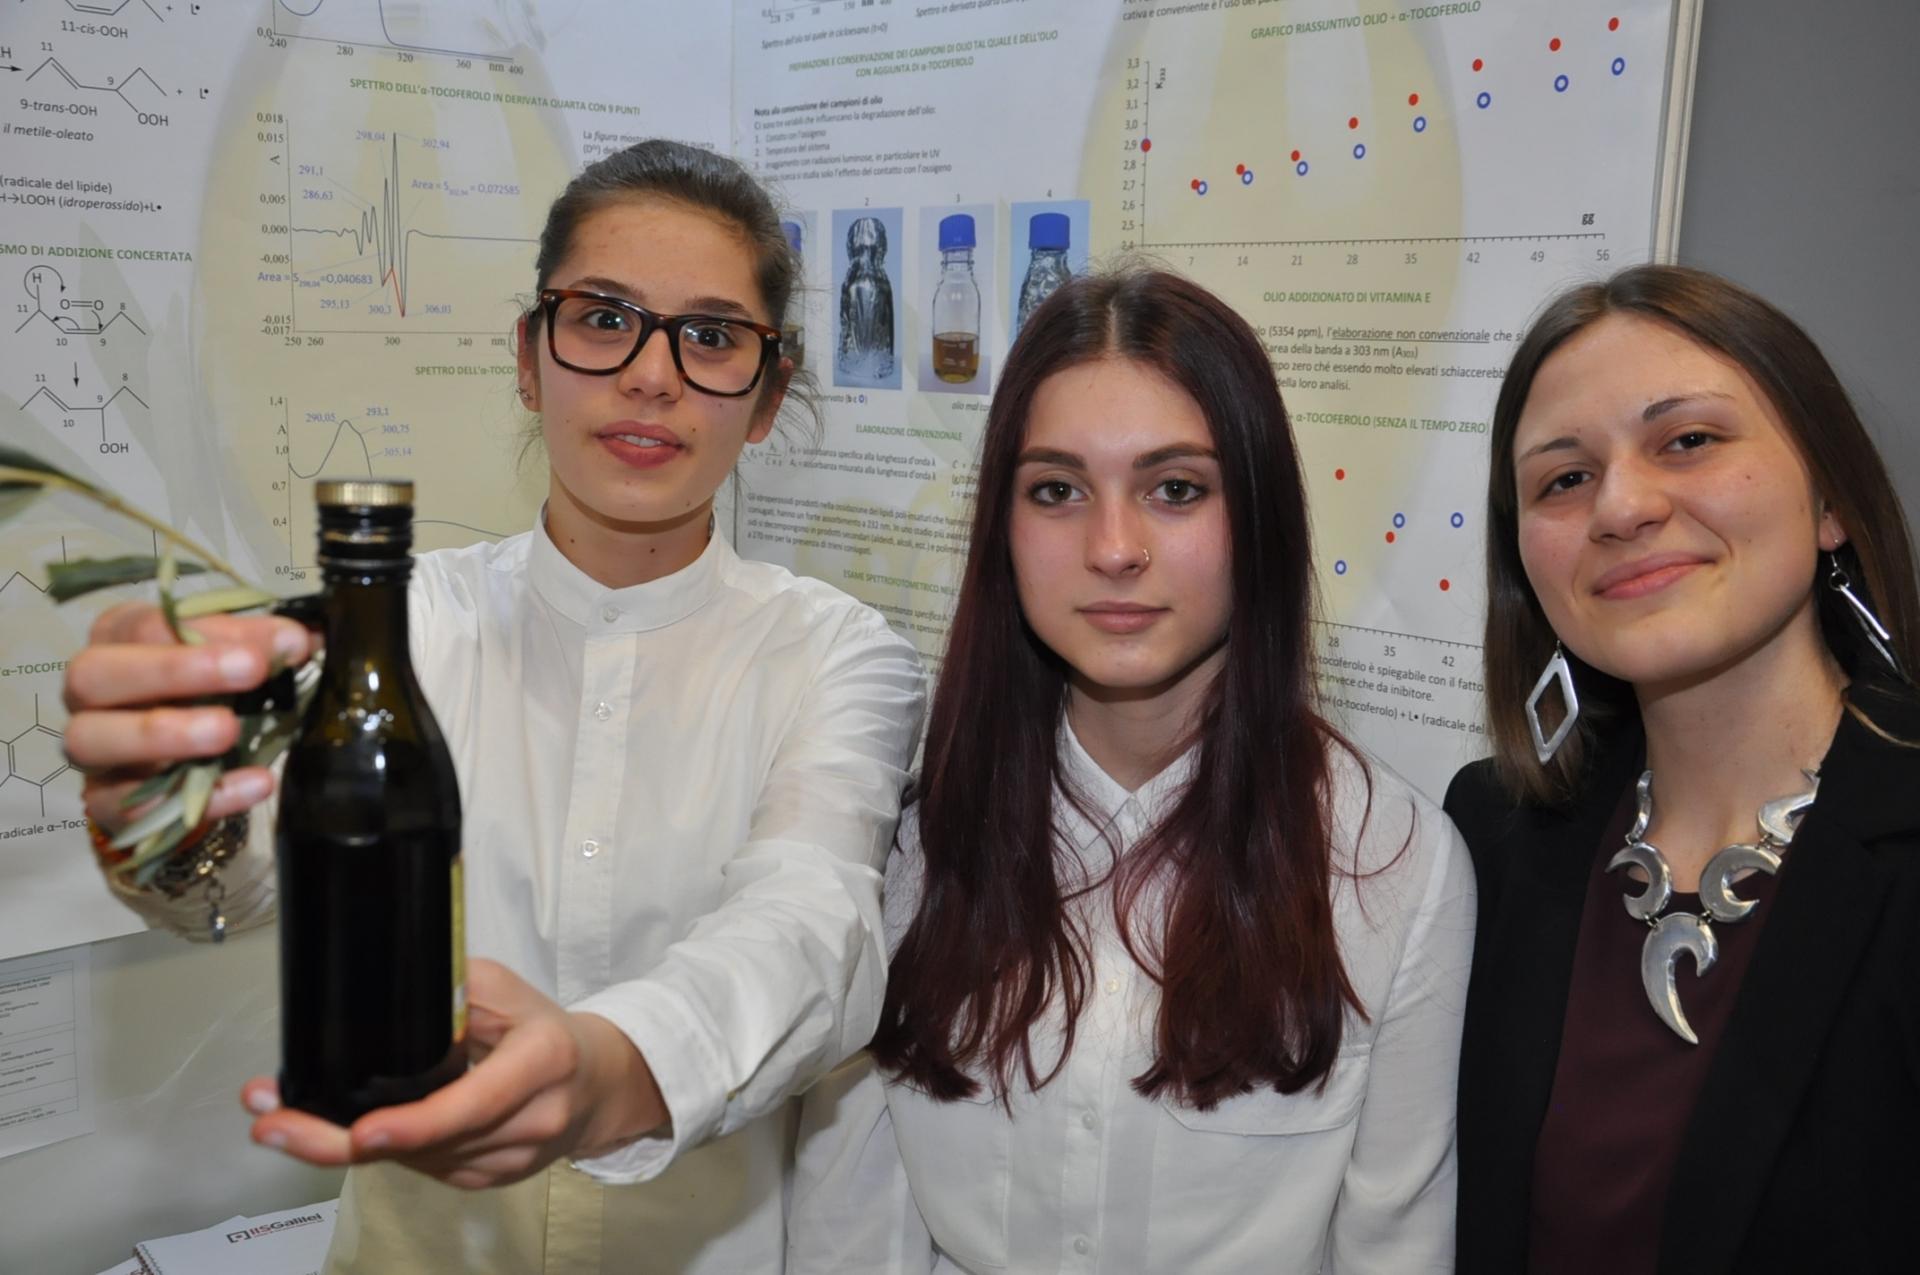 Nuovi studi sull'olio